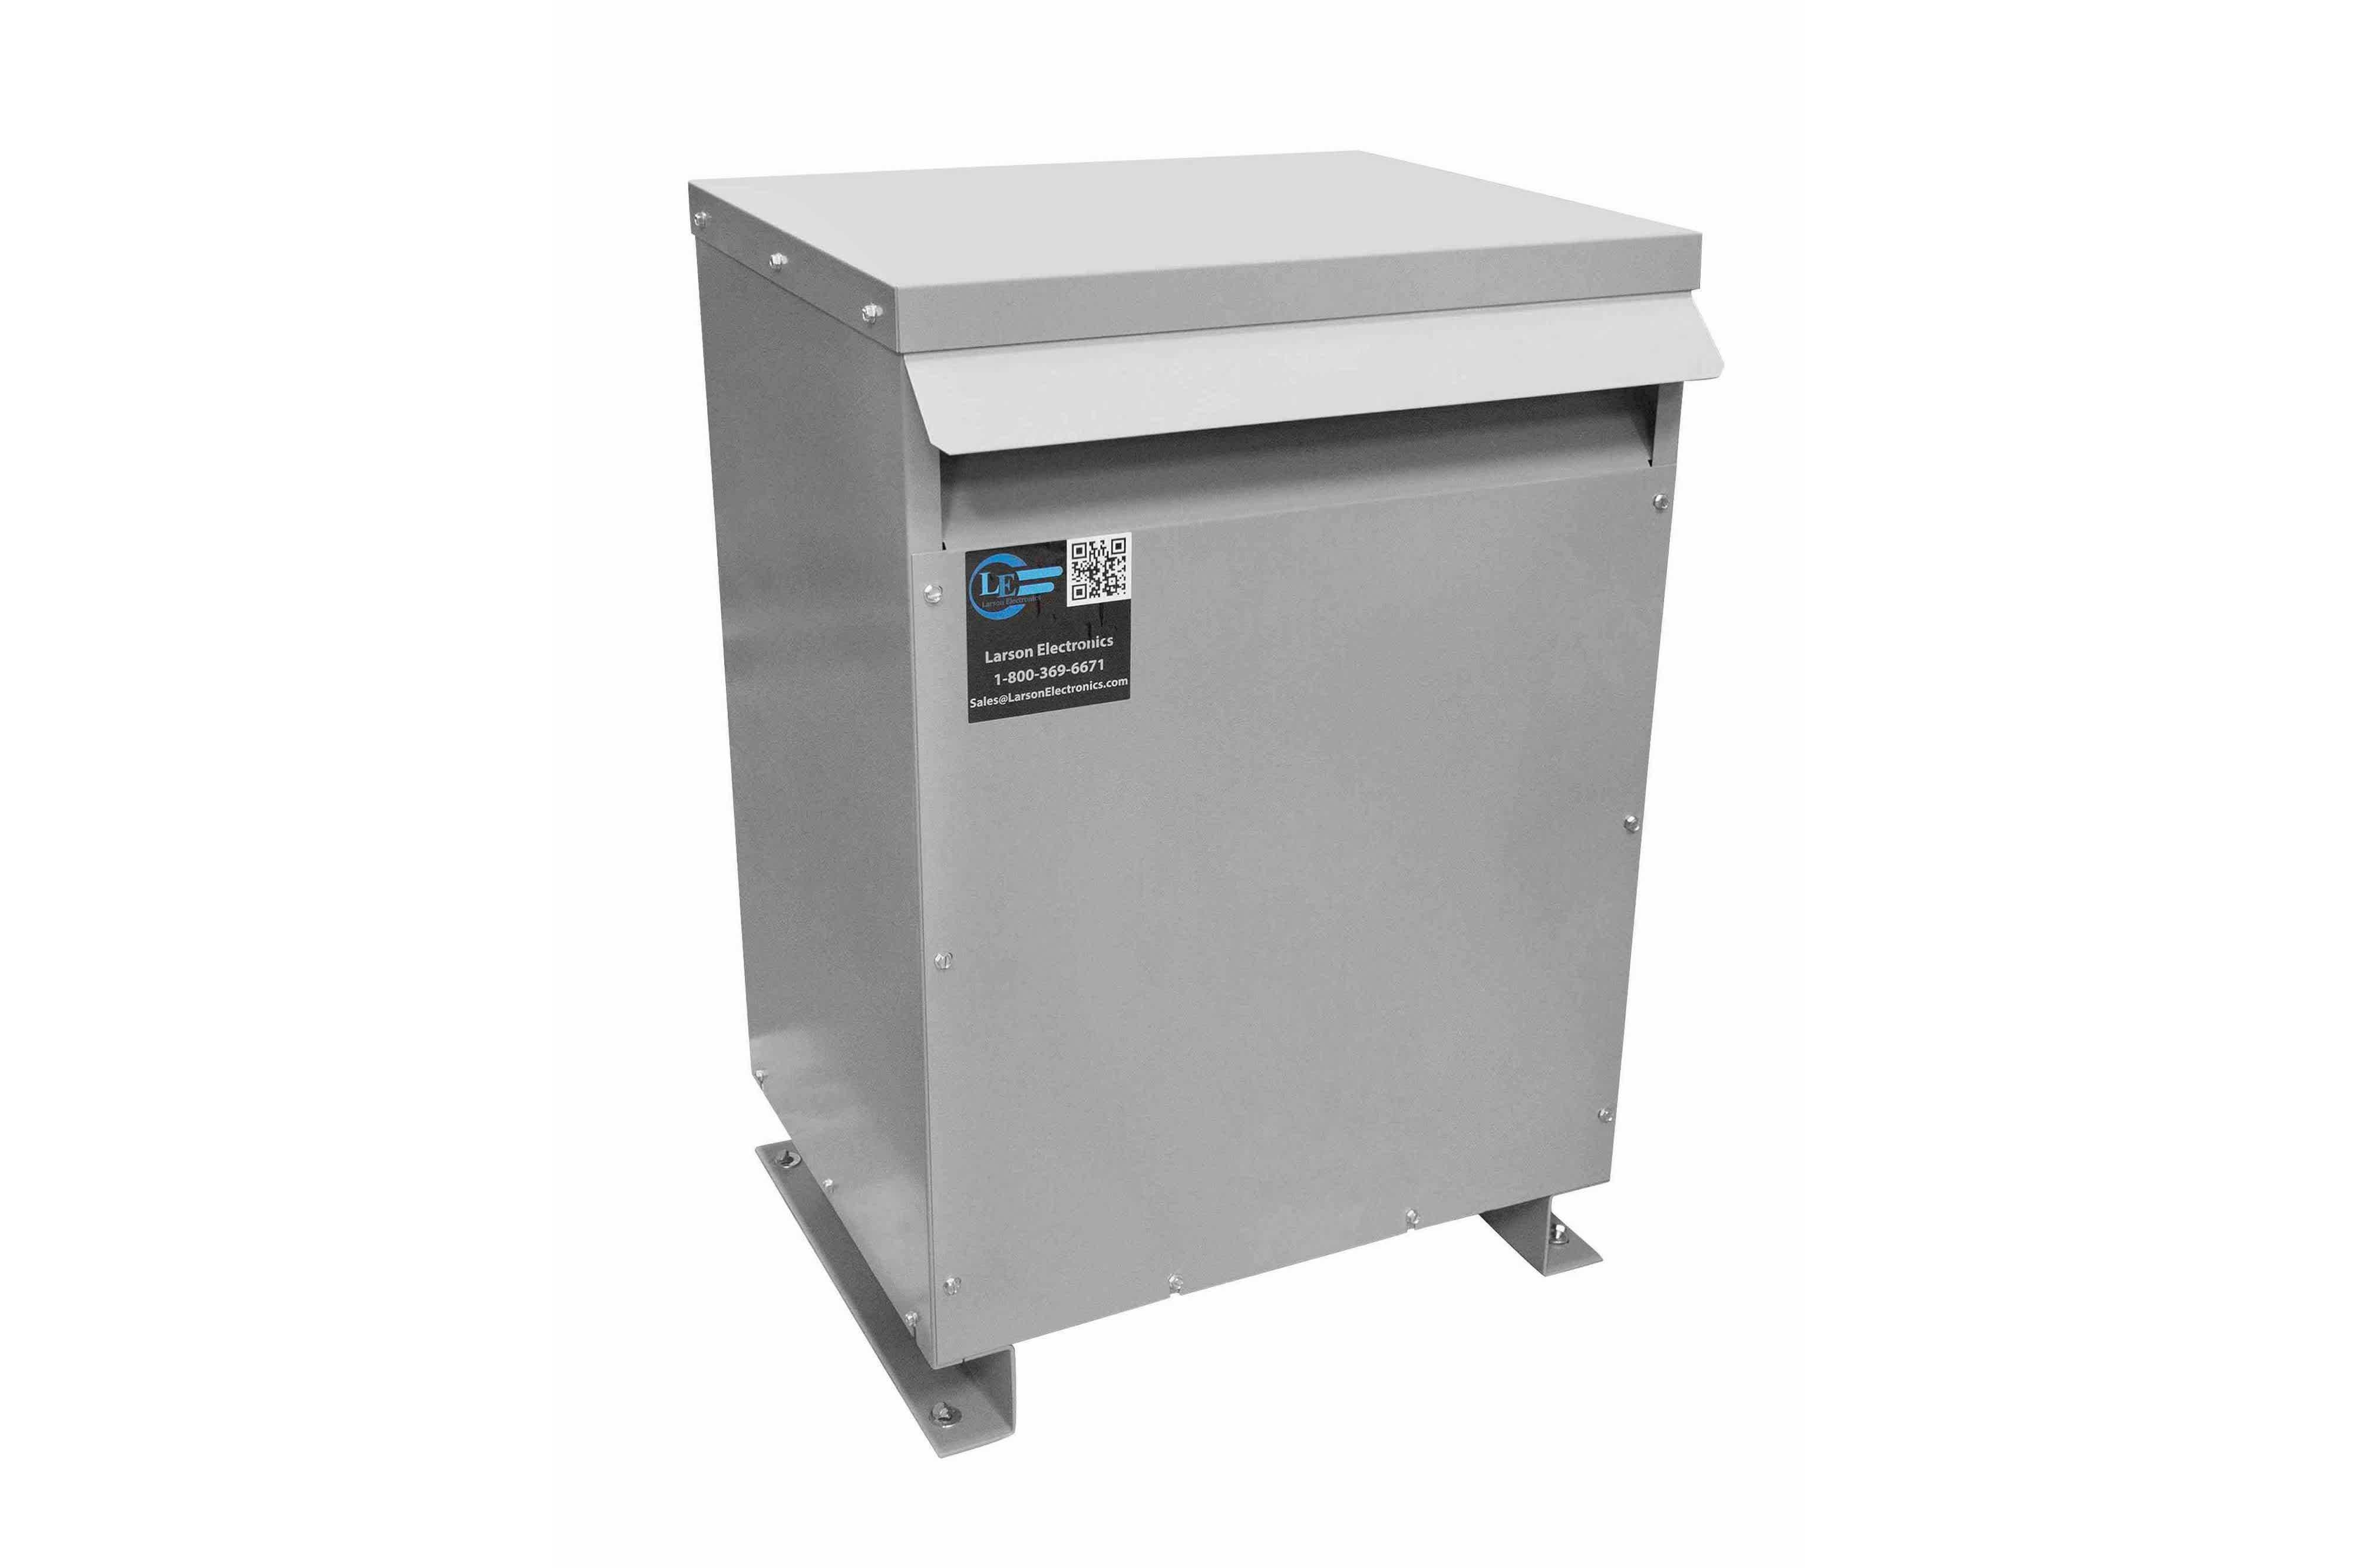 100 kVA 3PH Isolation Transformer, 480V Delta Primary, 208V Delta Secondary, N3R, Ventilated, 60 Hz